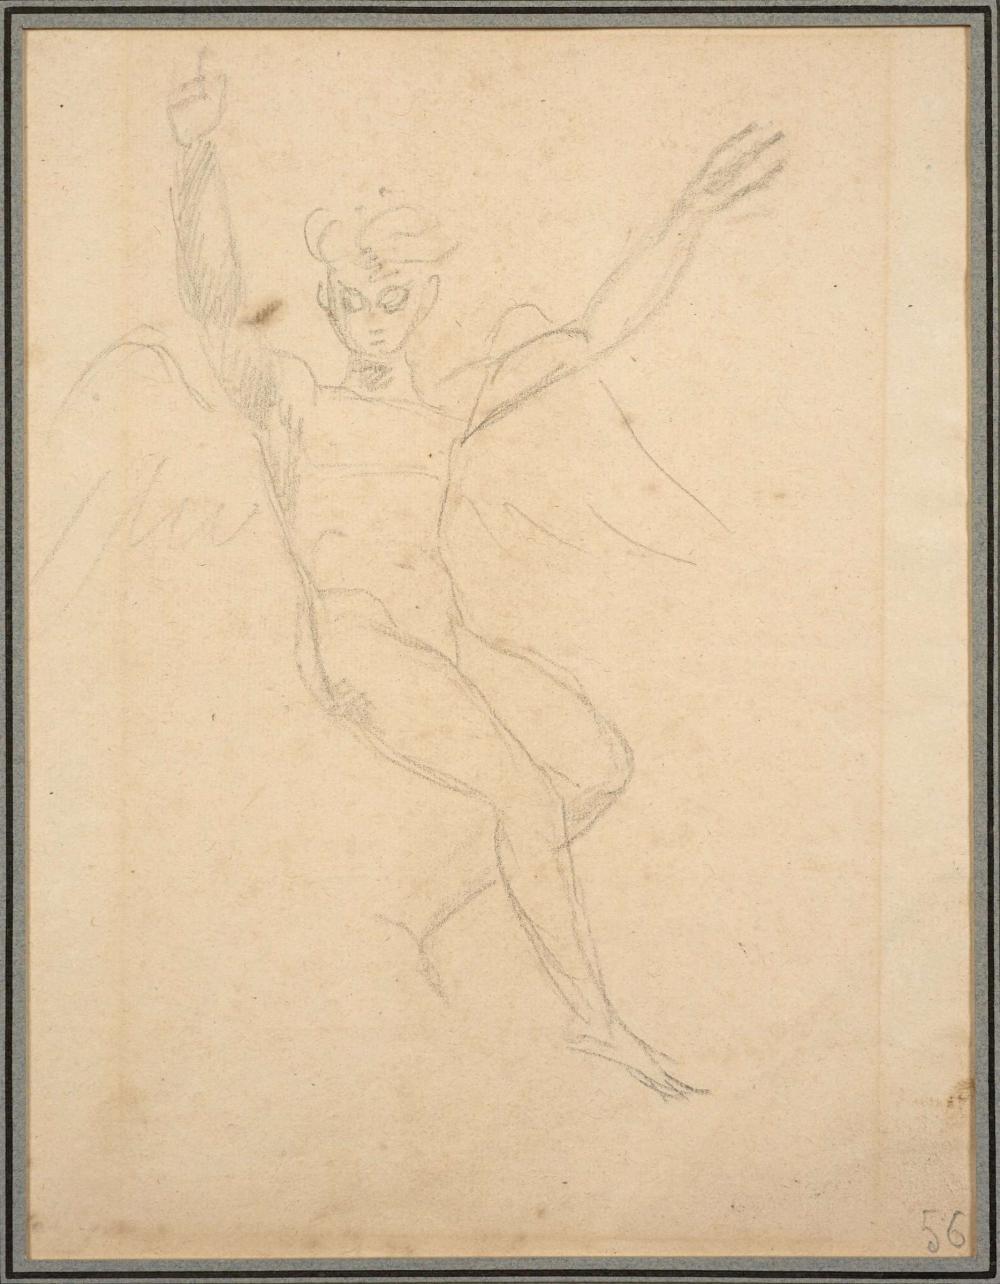 Antoine-Jean Gros, baron Gros Paris, 1771 - Meudon, 1835 Figure d''ange, étude préparatoire pour le décor de la coupole de l''église S.